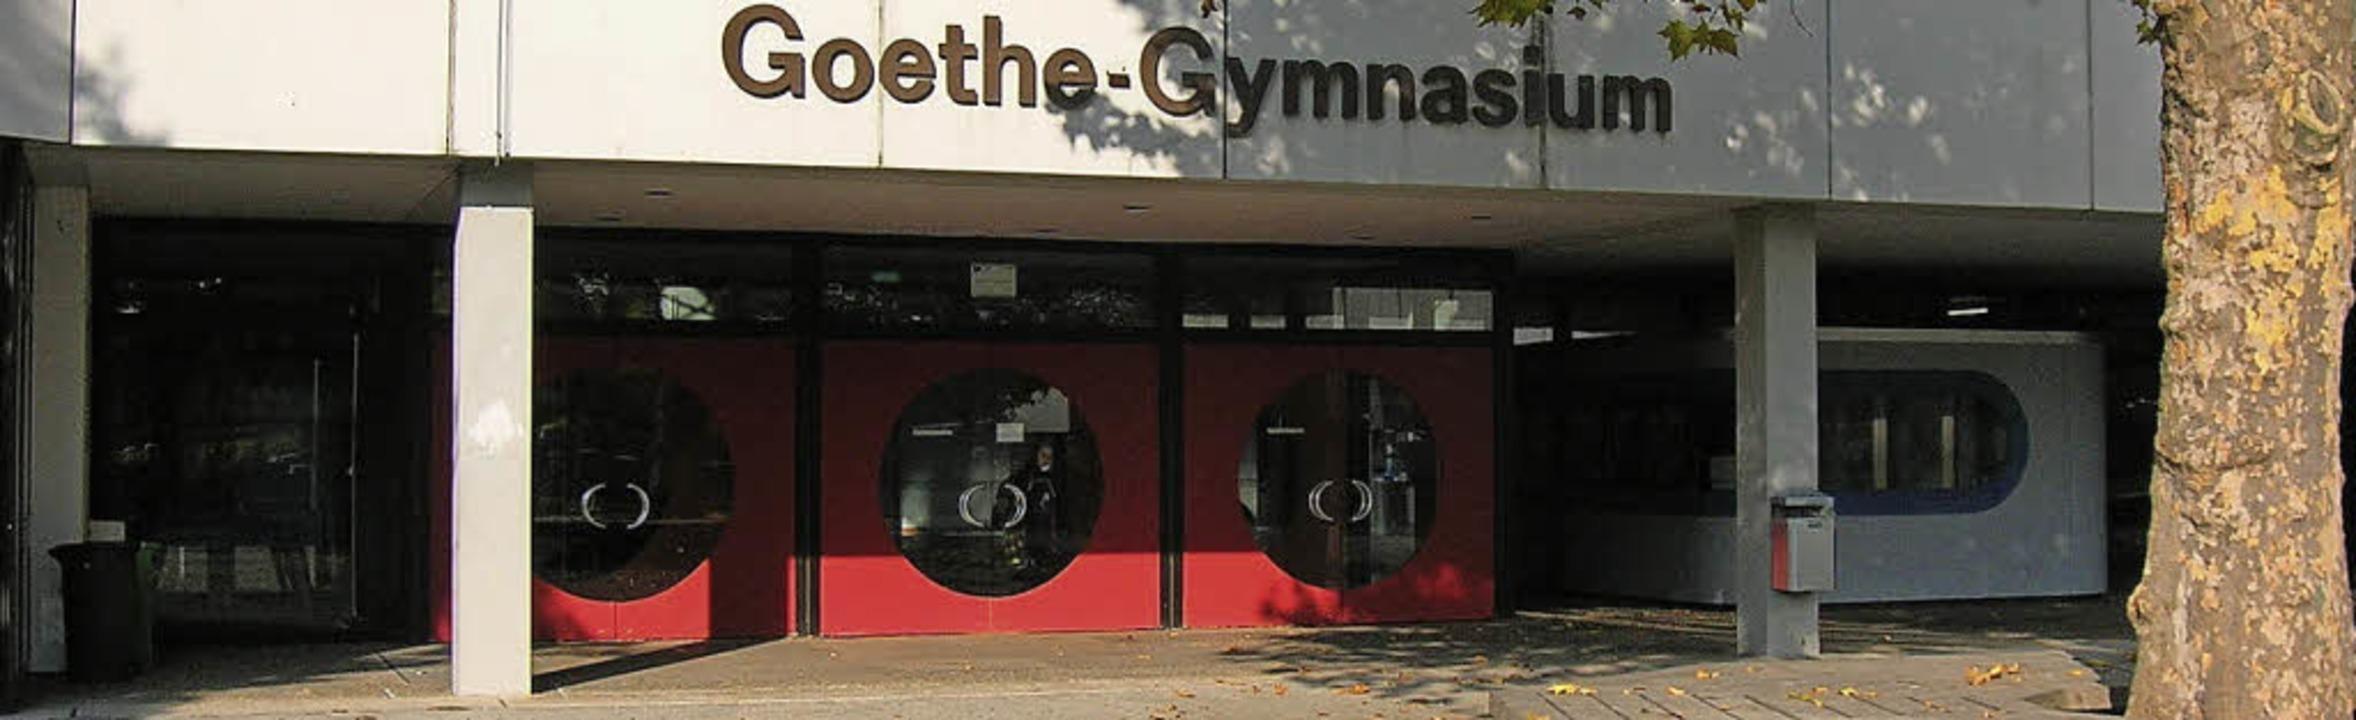 Das Goethe-Gymnasium feiert im kommenden Jahr sein 350-jähriges Bestehen.   | Foto: Sylvia-Karina Jahn